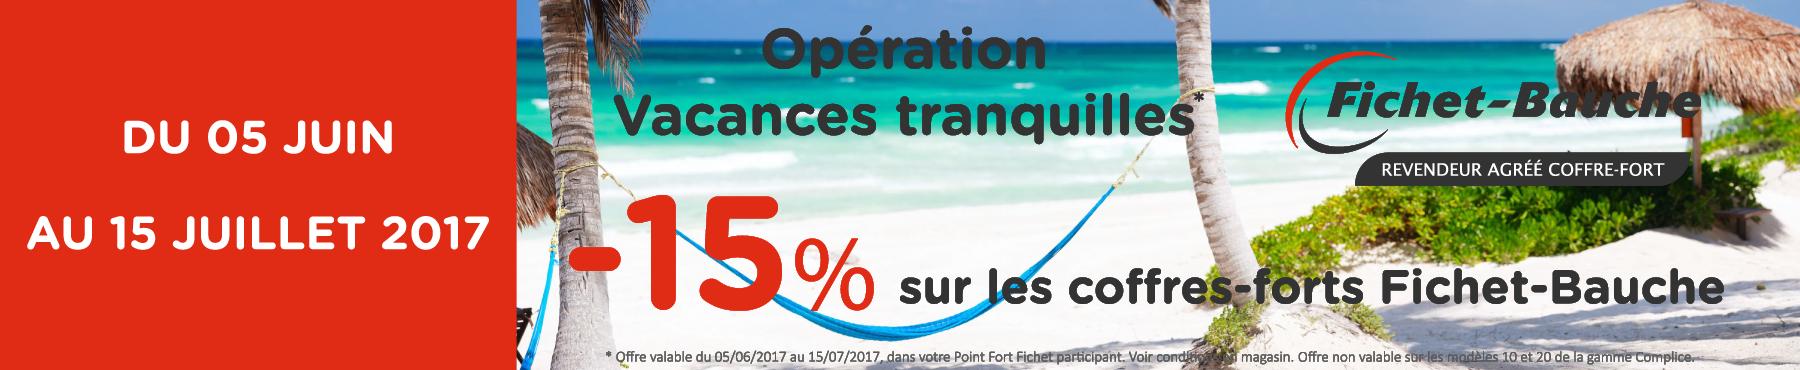 Opération vacances tranquilles, -15% sur les coffres-forts